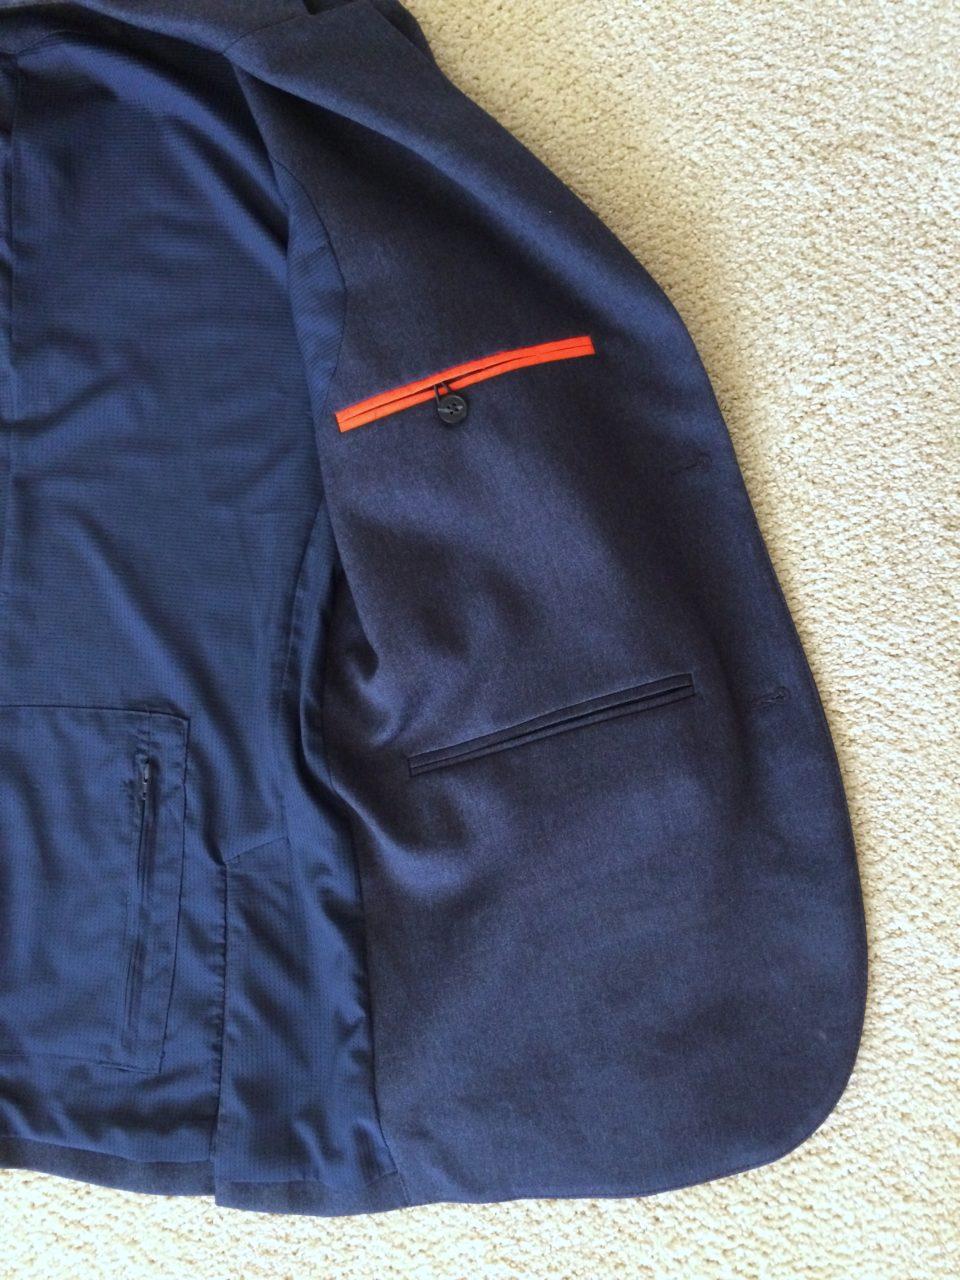 Bluffworks blazer left inner pockets